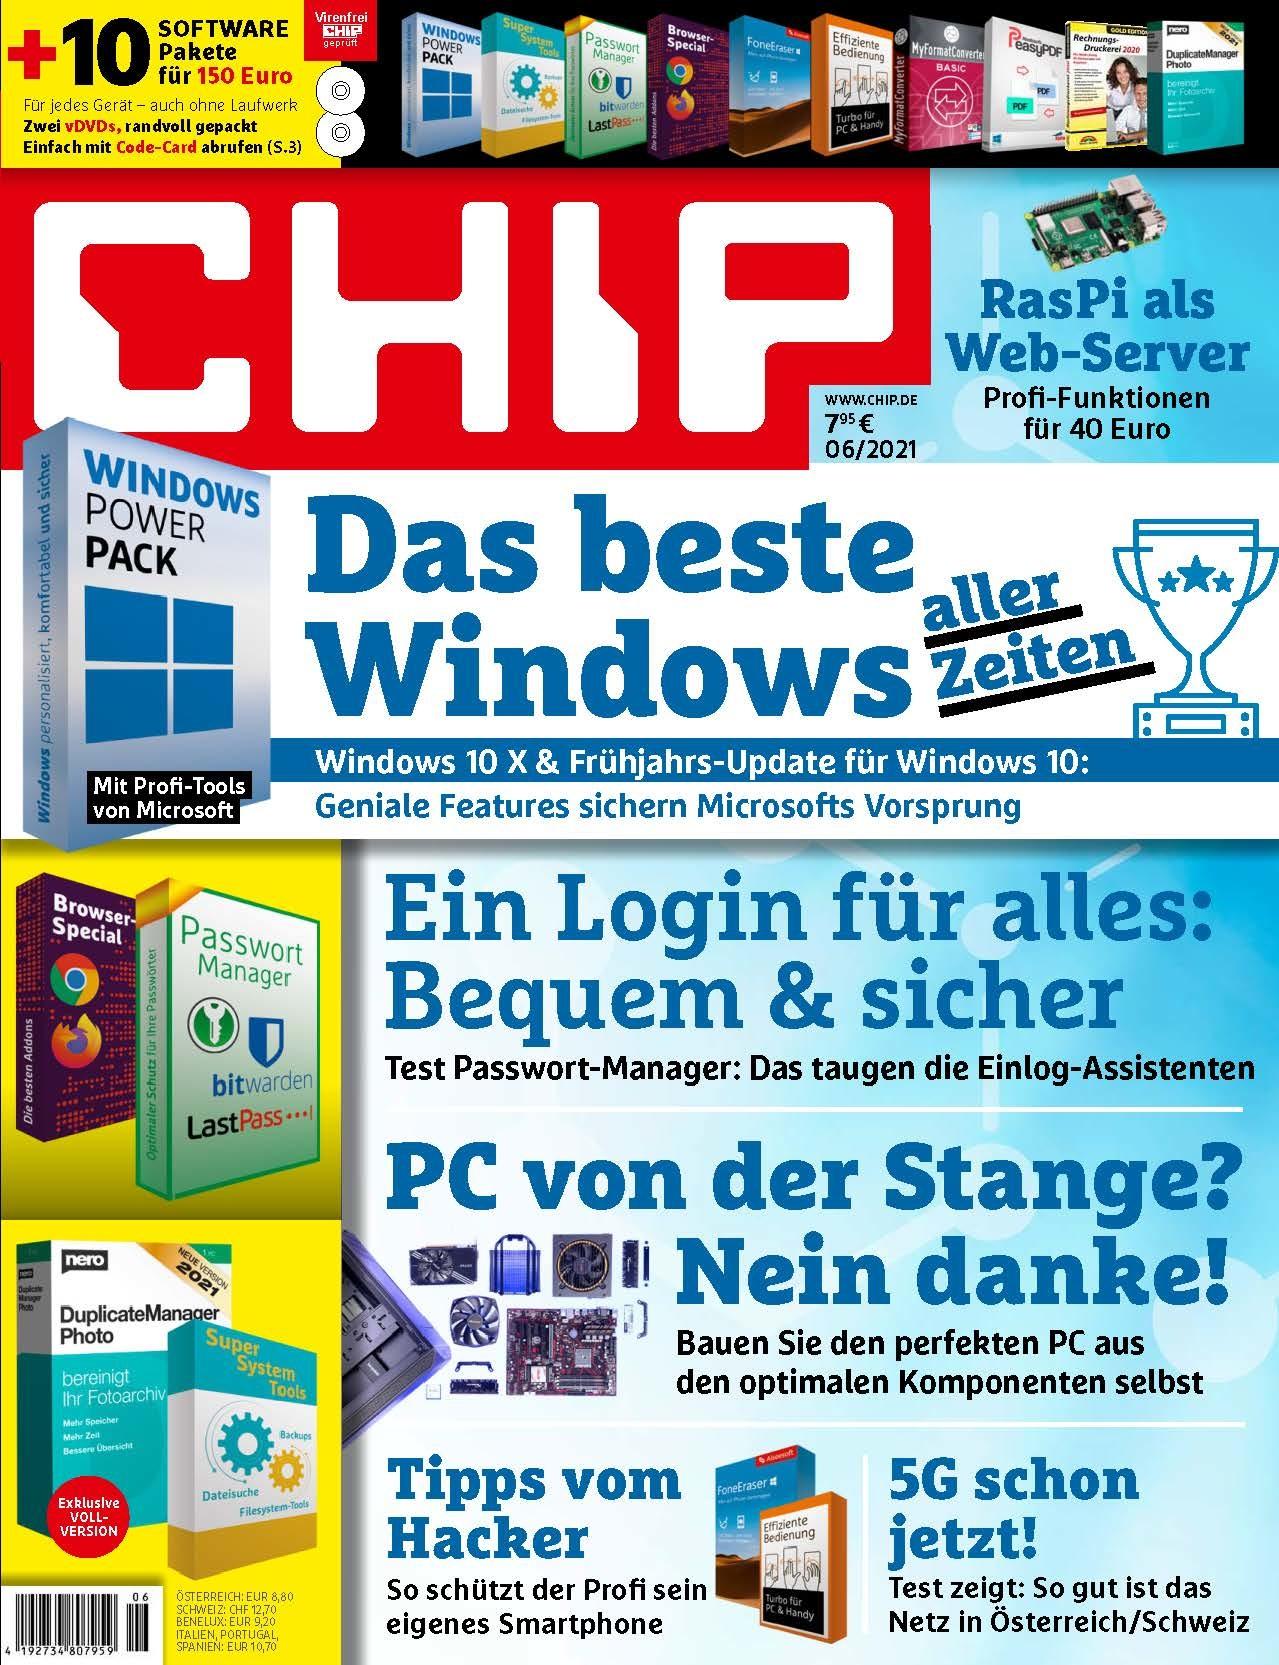 CHIP CHIP Plus - Das beste Windows aller Zeiten